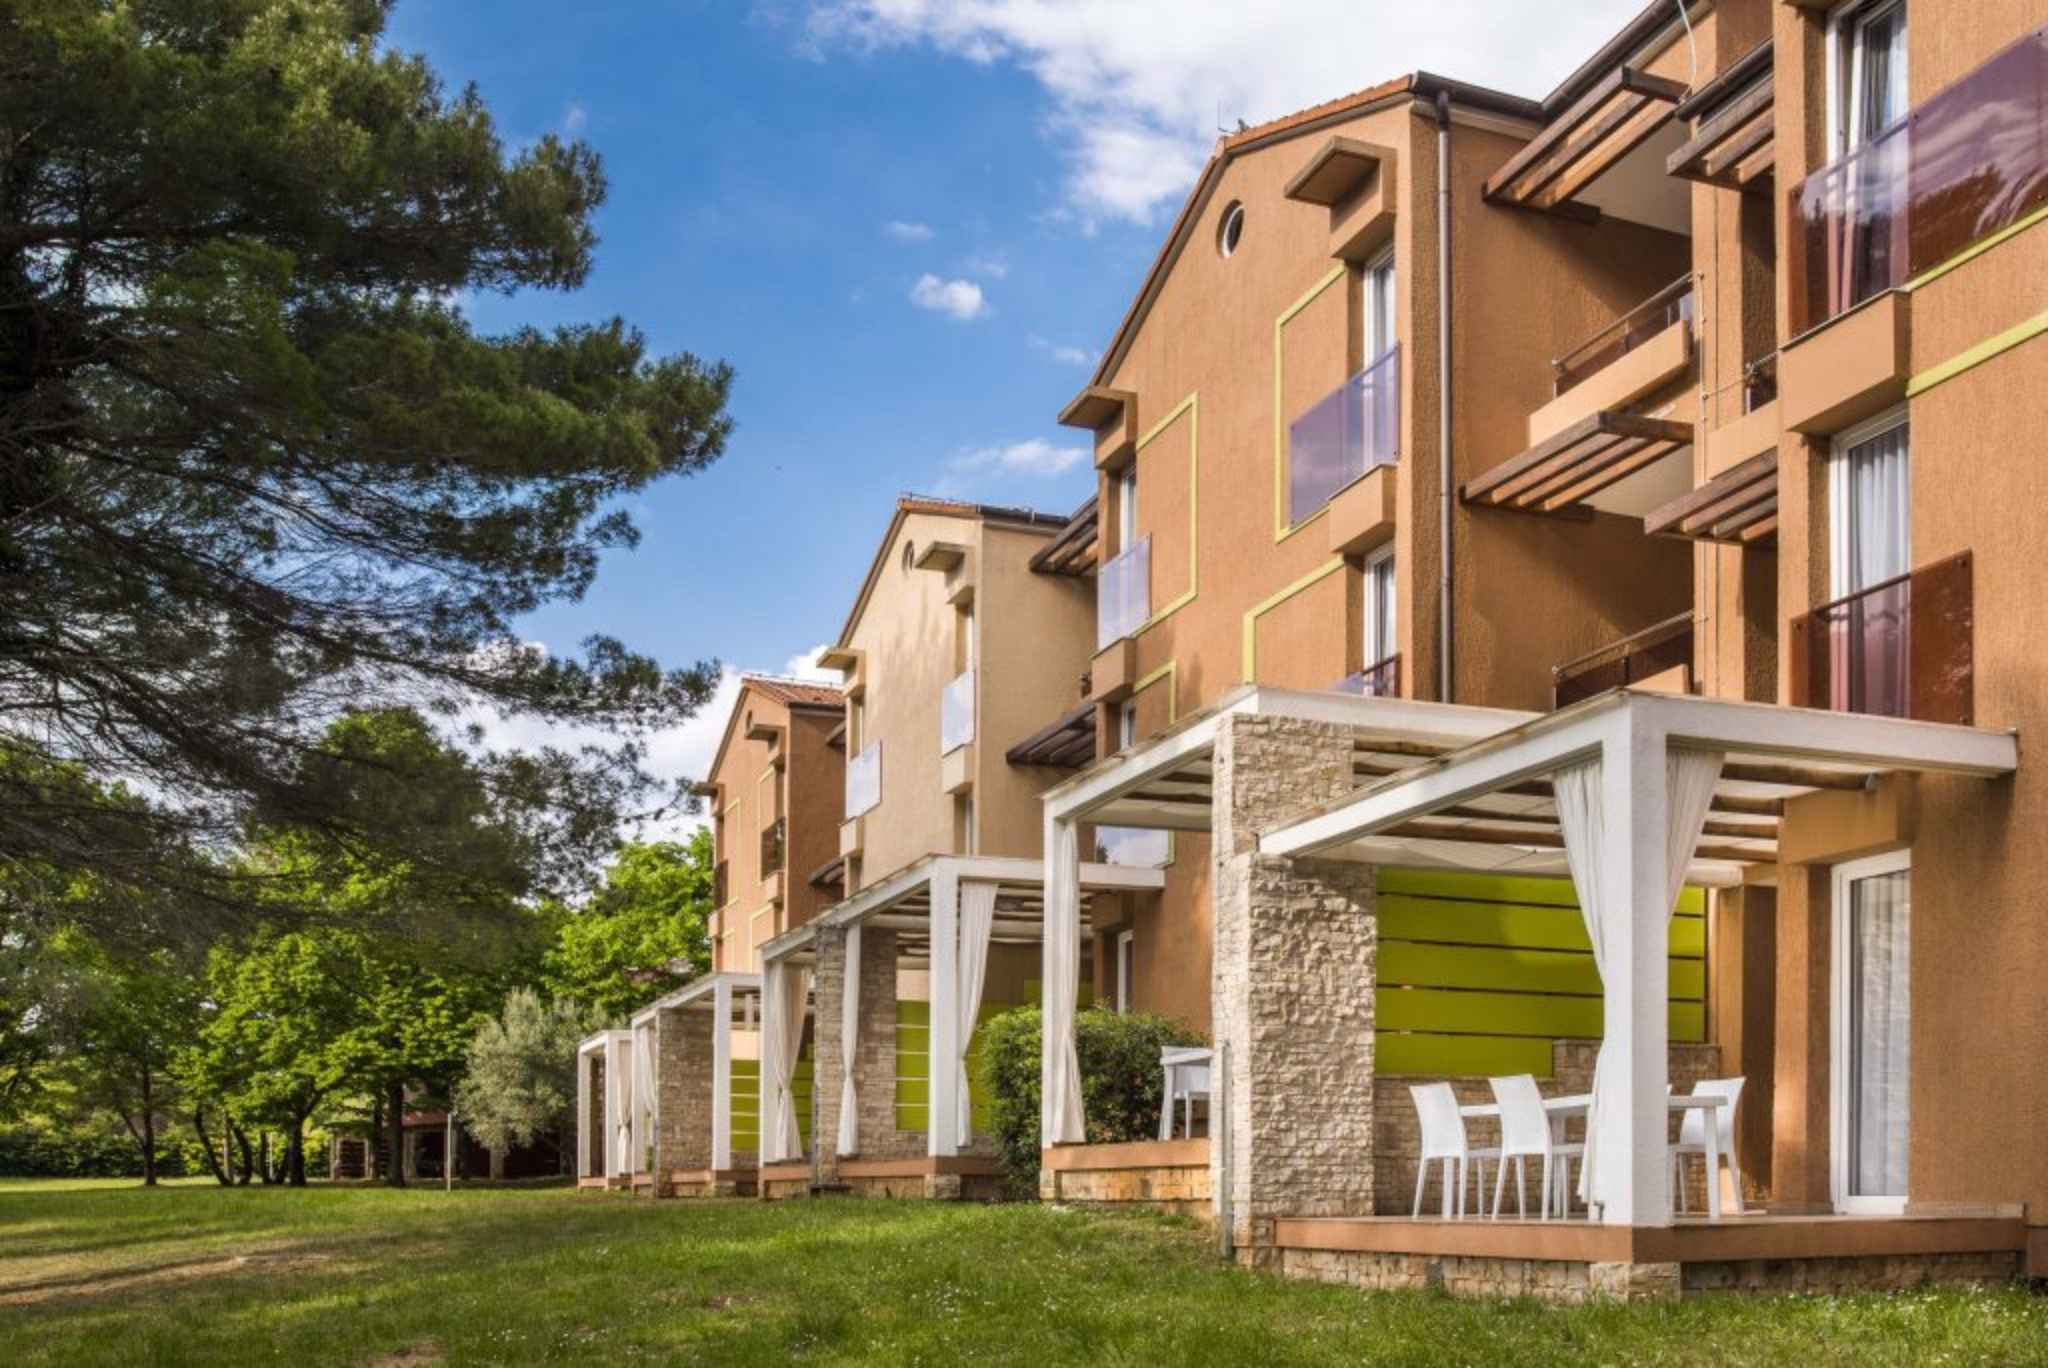 Ferienwohnung im Stella Maris Resort (281127), Umag, , Istrien, Kroatien, Bild 1